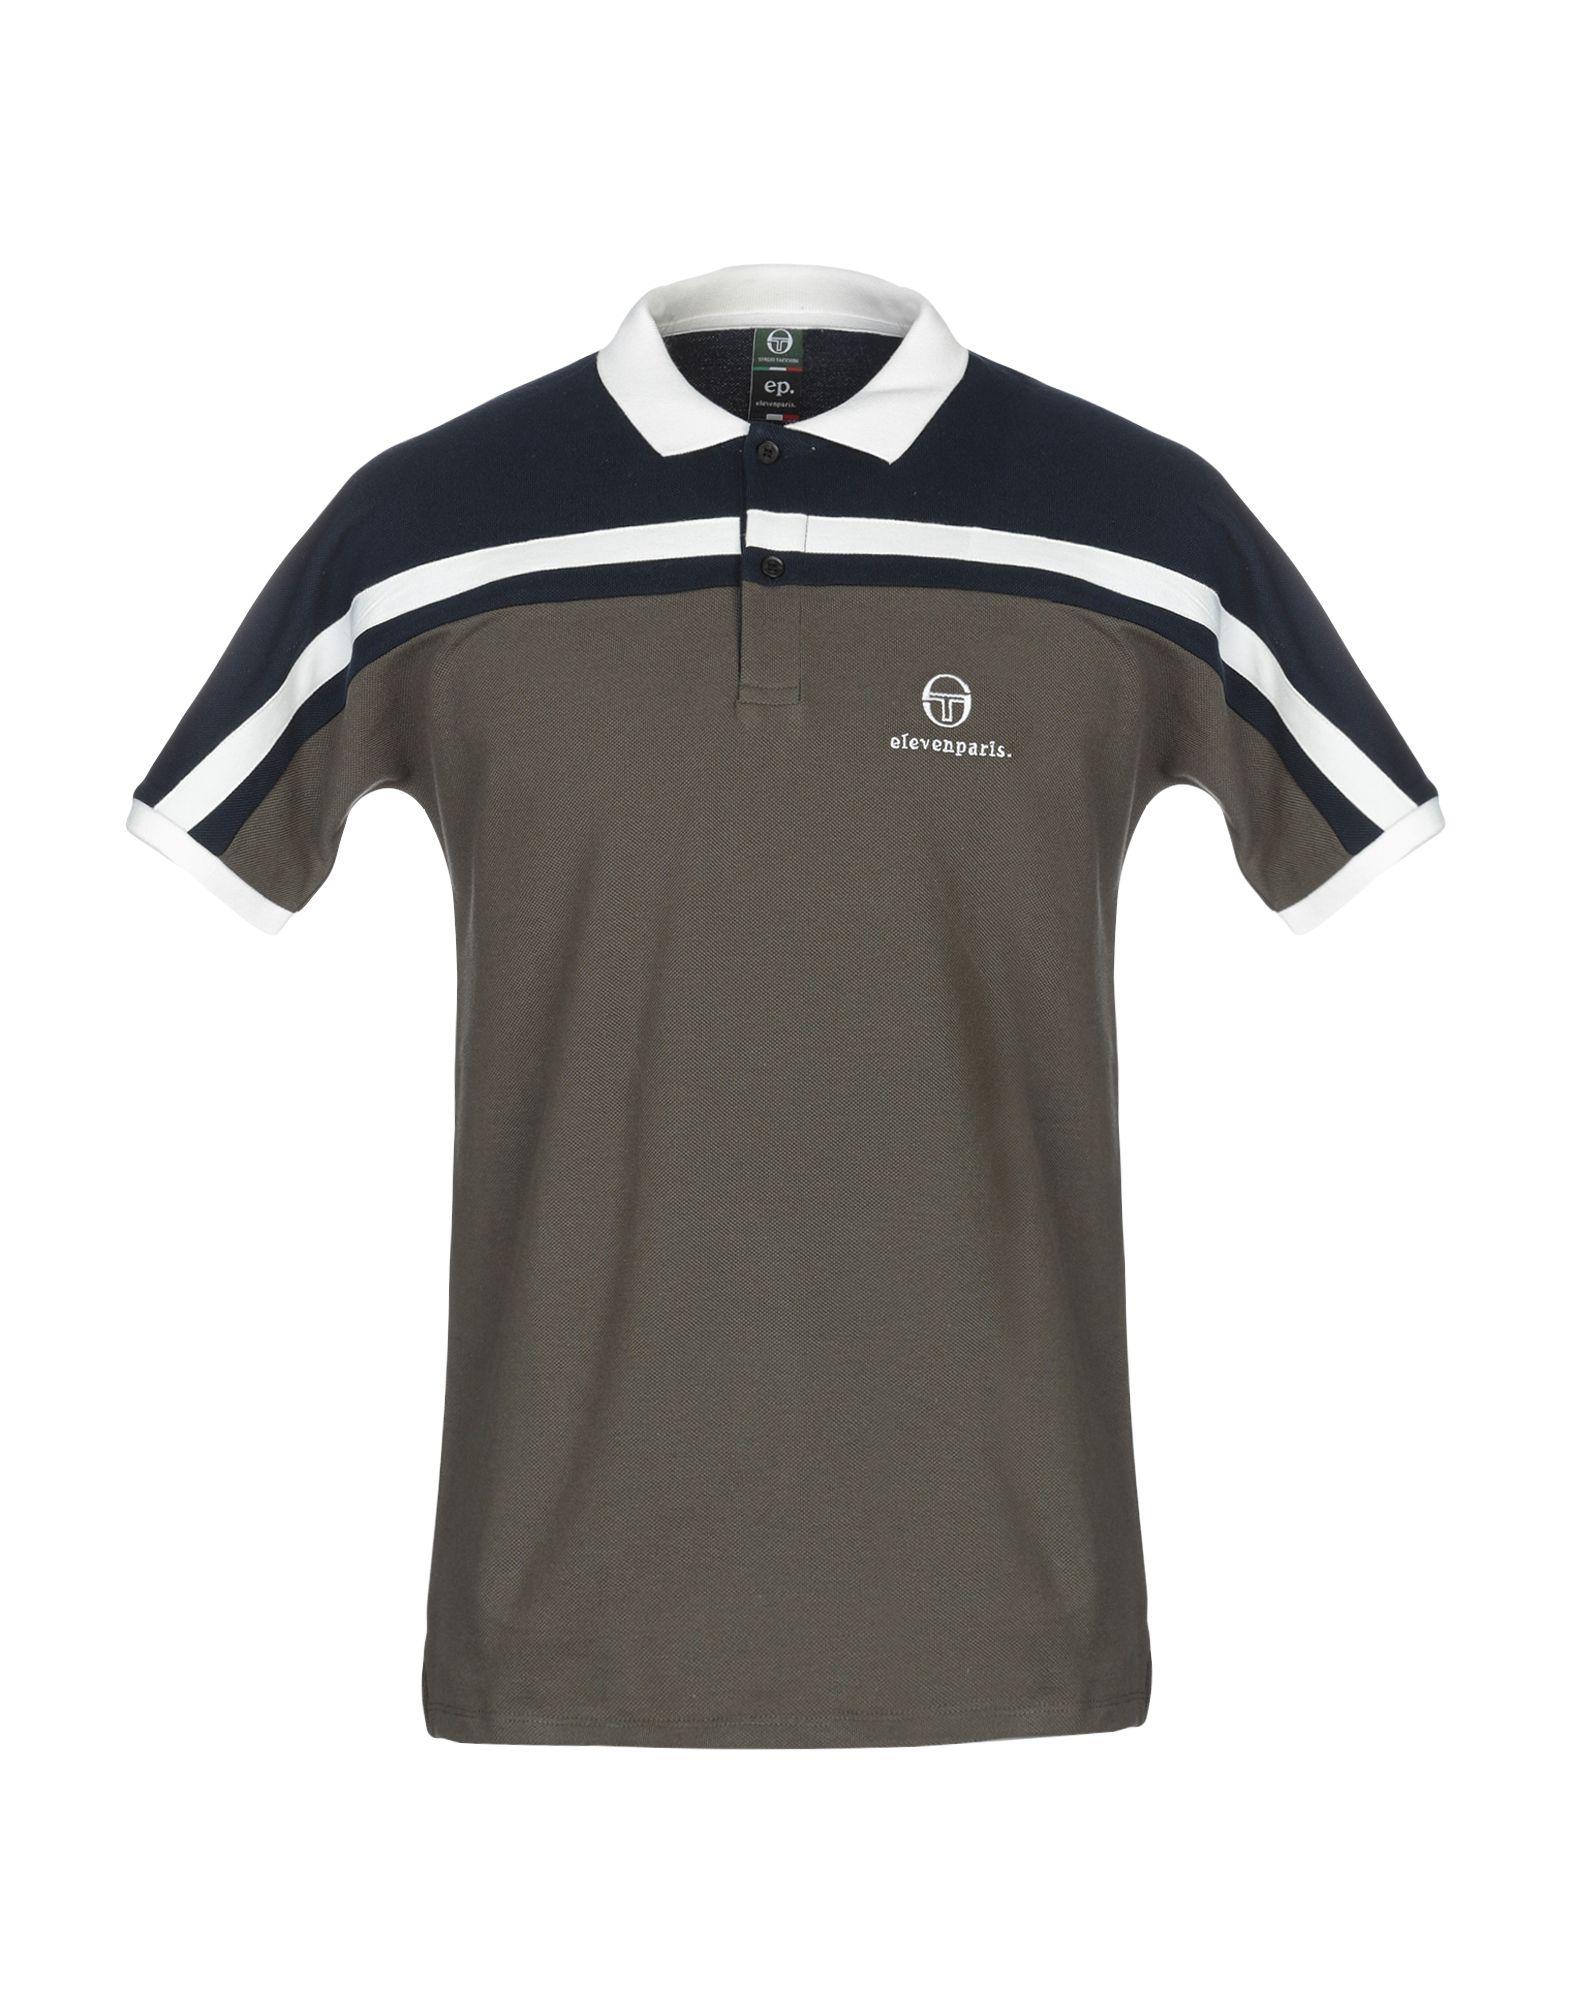 《送料無料》SERGIO TACCHINI x ELEVEN PARIS メンズ ポロシャツ ミリタリーグリーン S コットン 100% THOMAS M